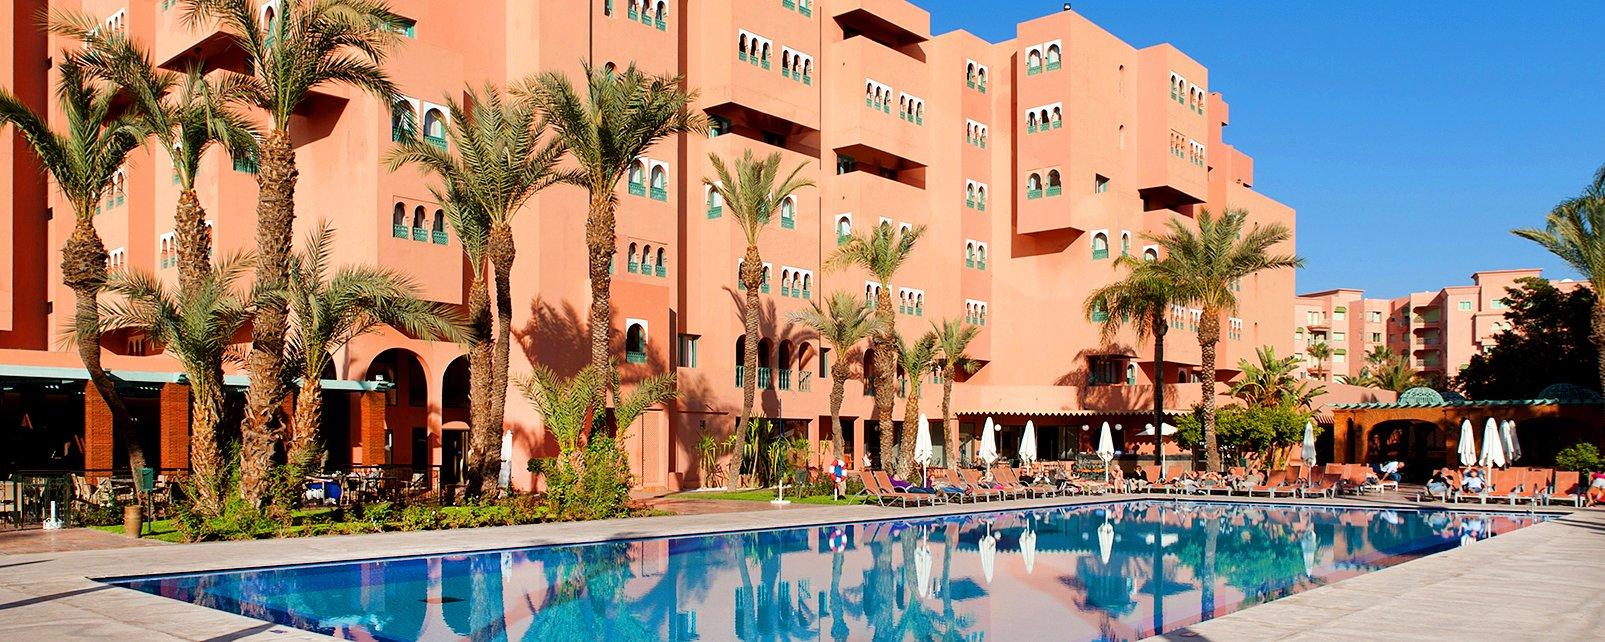 hotel idrissides marrakech. Black Bedroom Furniture Sets. Home Design Ideas